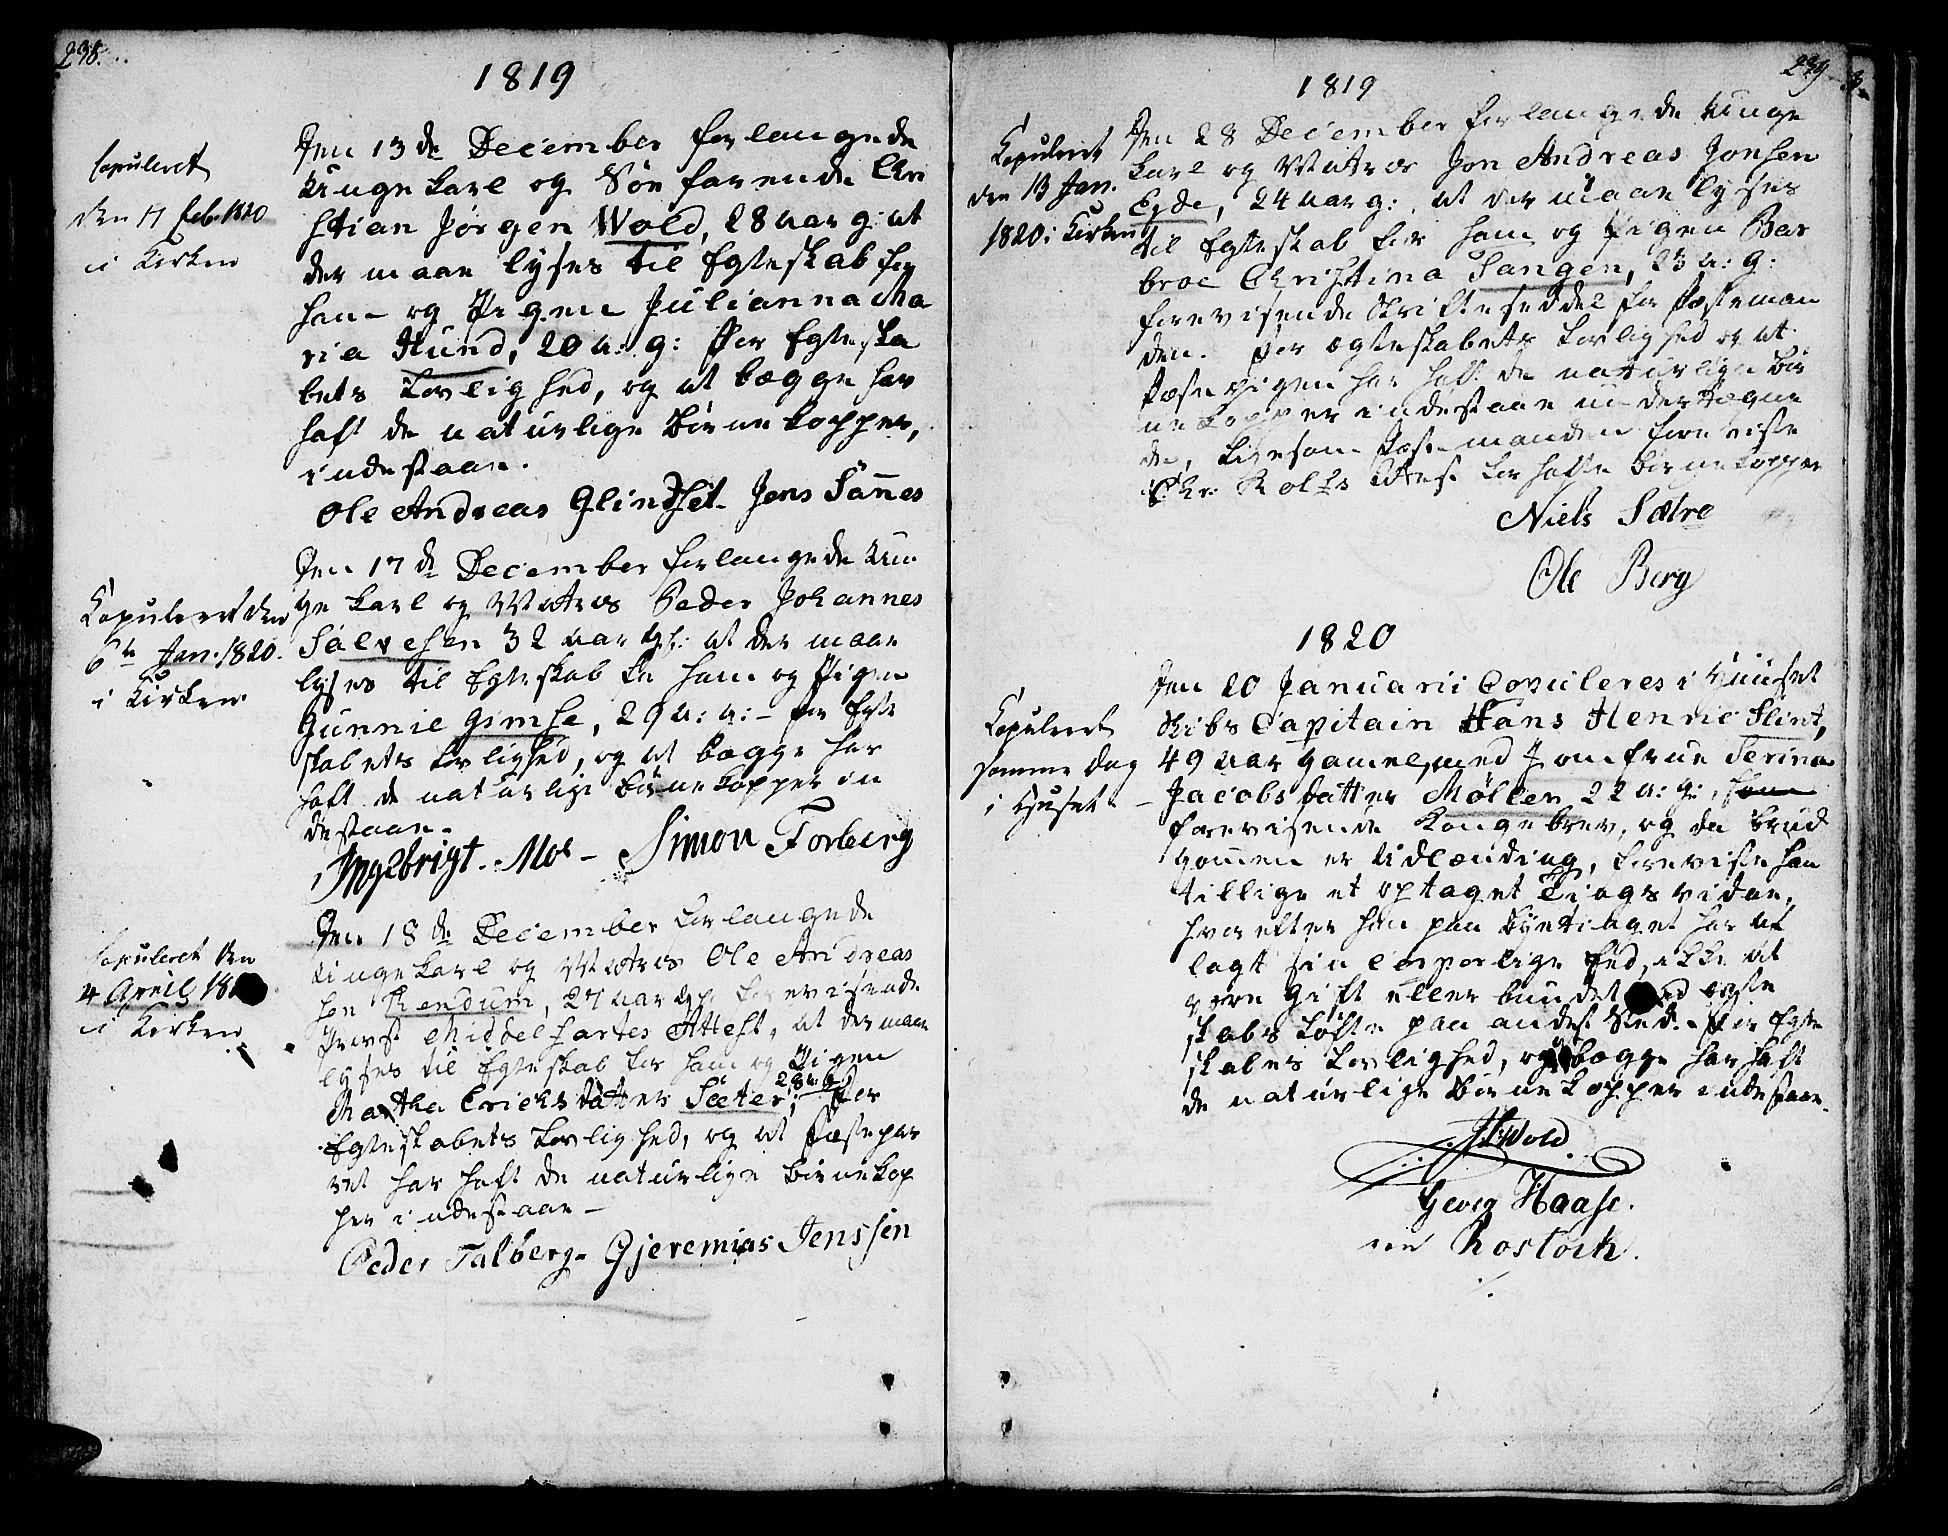 SAT, Ministerialprotokoller, klokkerbøker og fødselsregistre - Sør-Trøndelag, 601/L0042: Ministerialbok nr. 601A10, 1802-1830, s. 238-239